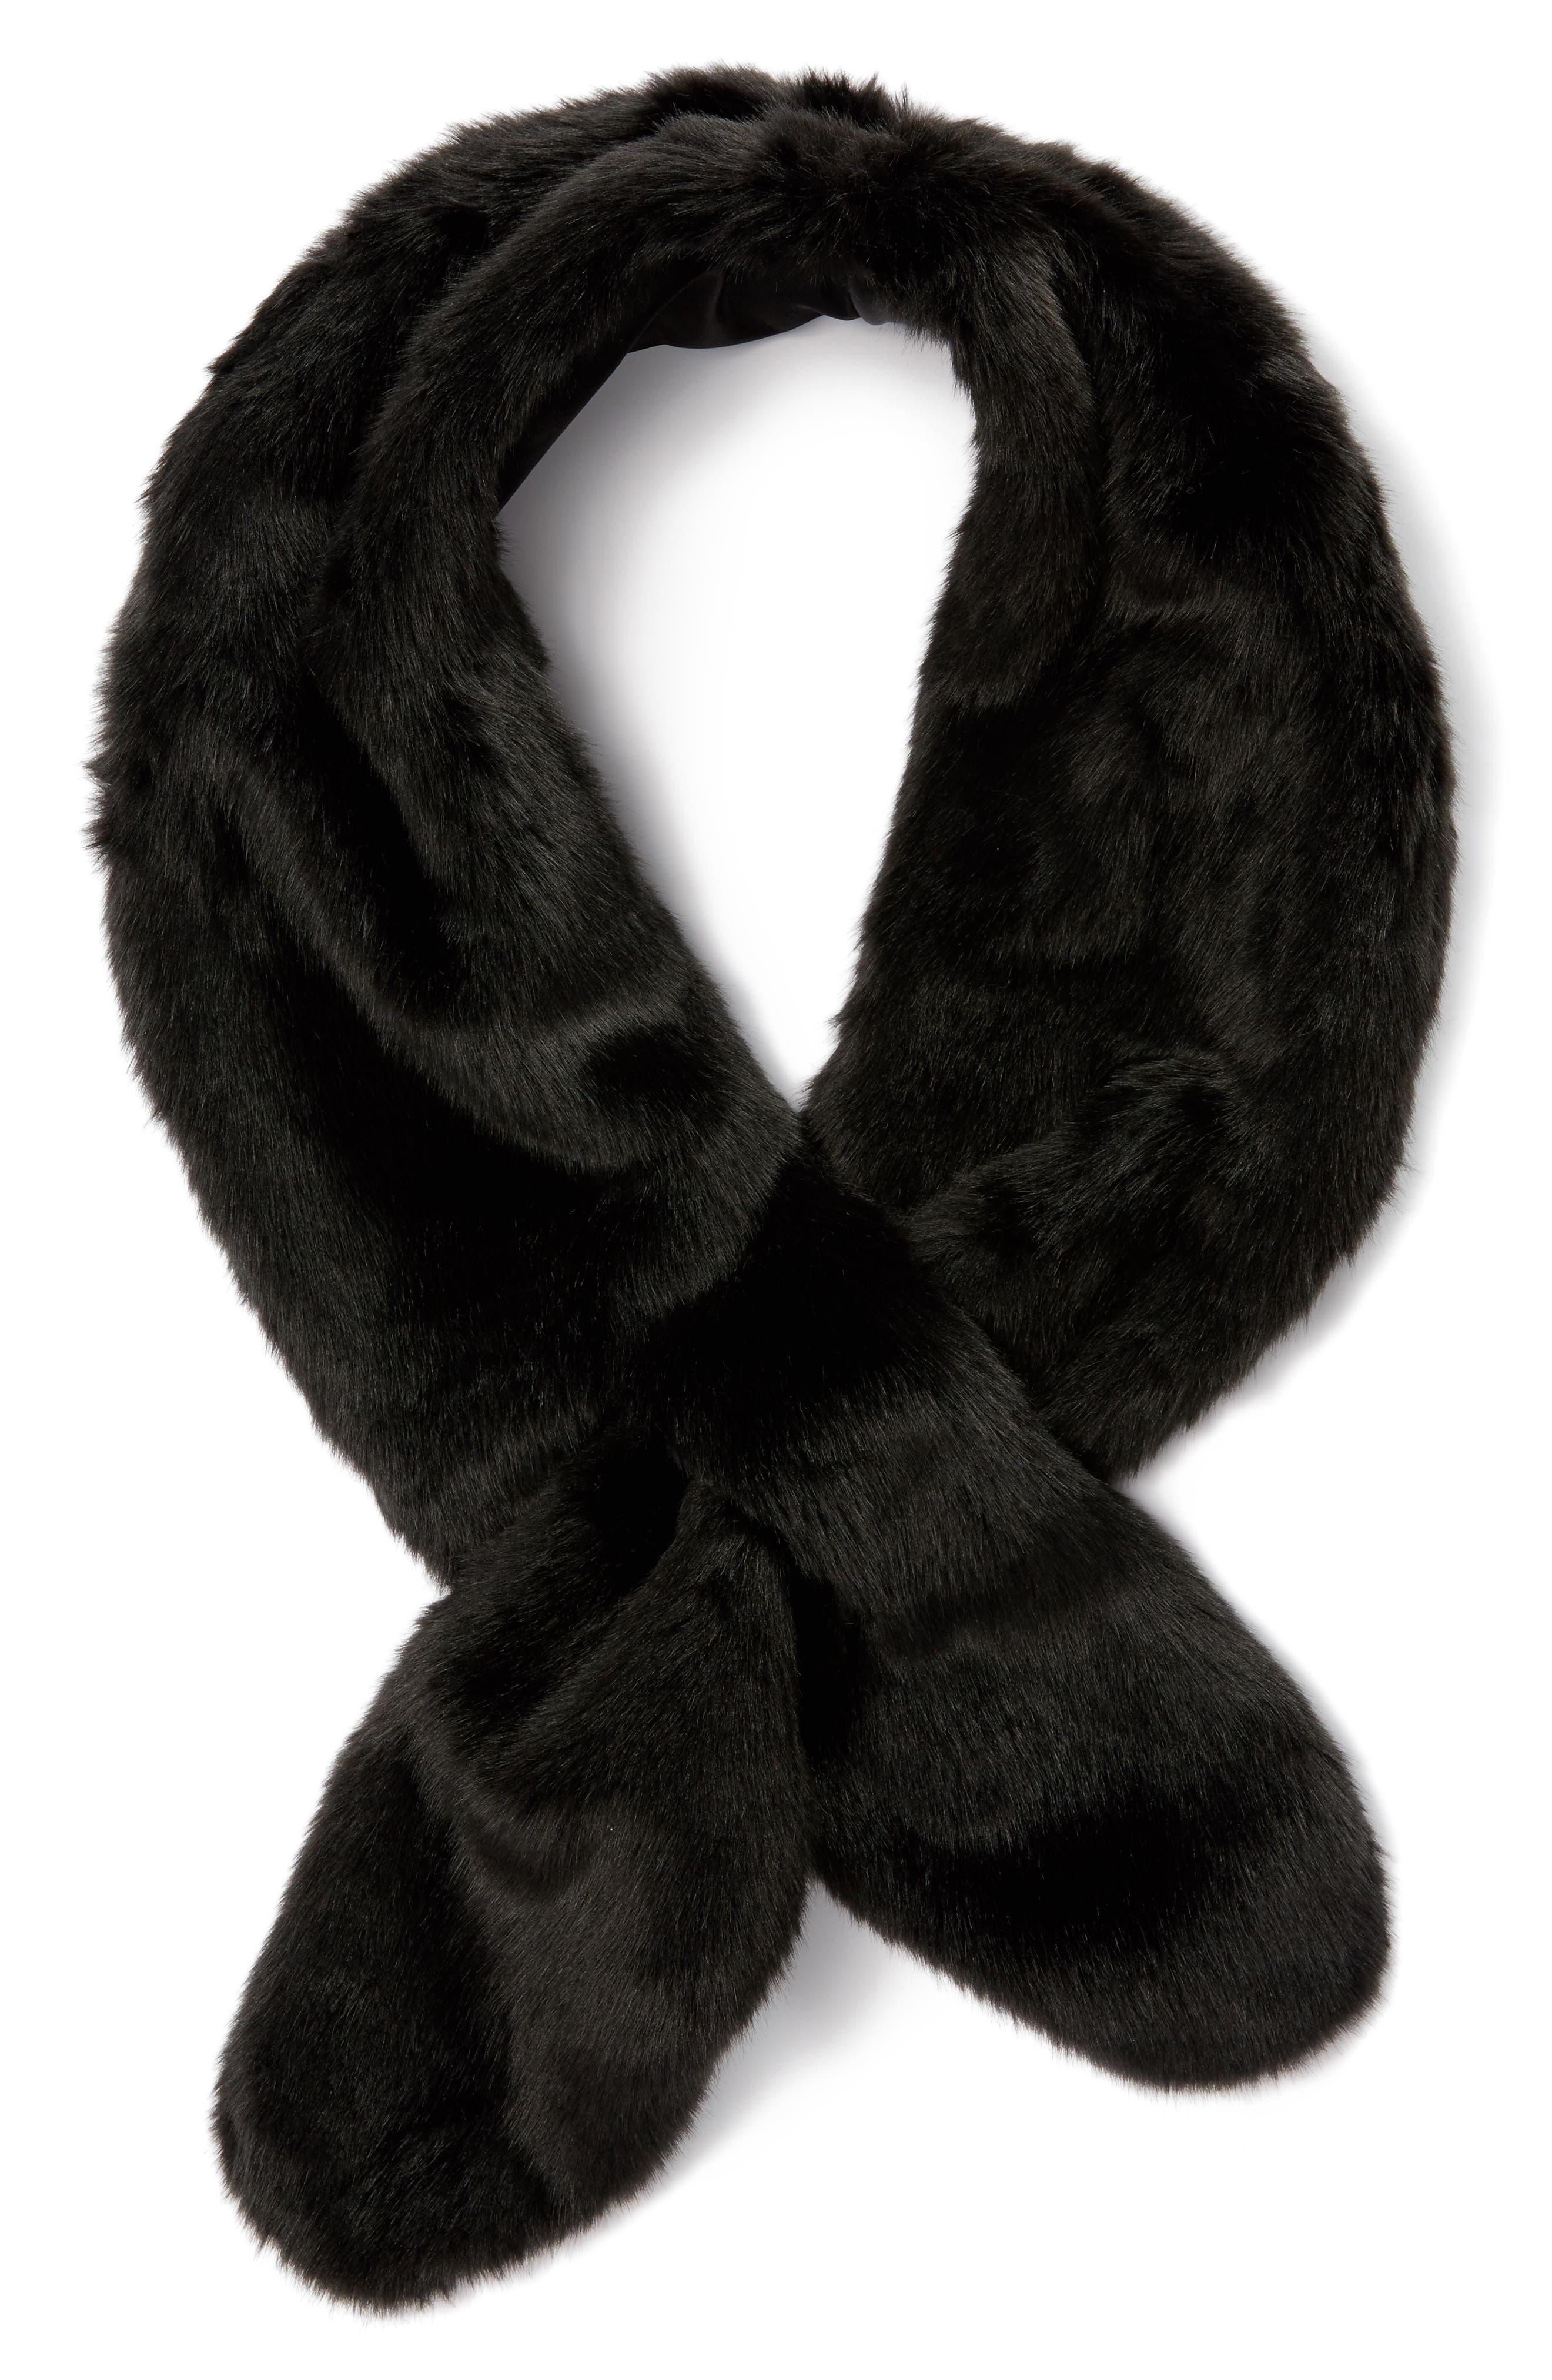 Faux Fur Pull Through Scarf,                             Main thumbnail 1, color,                             Black